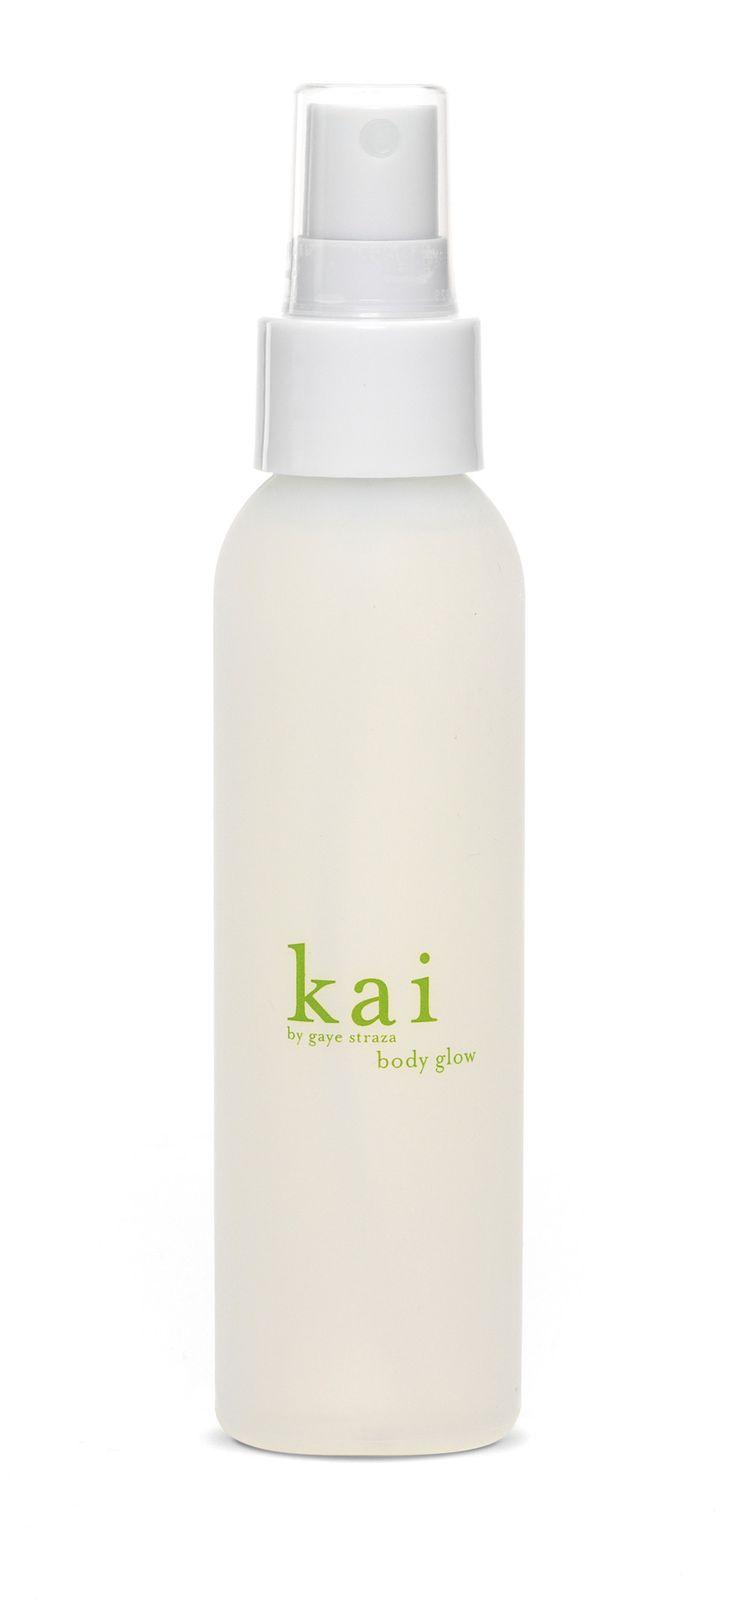 Kai Body Glow design by Kai Fragrance Would like to try this body glow spray